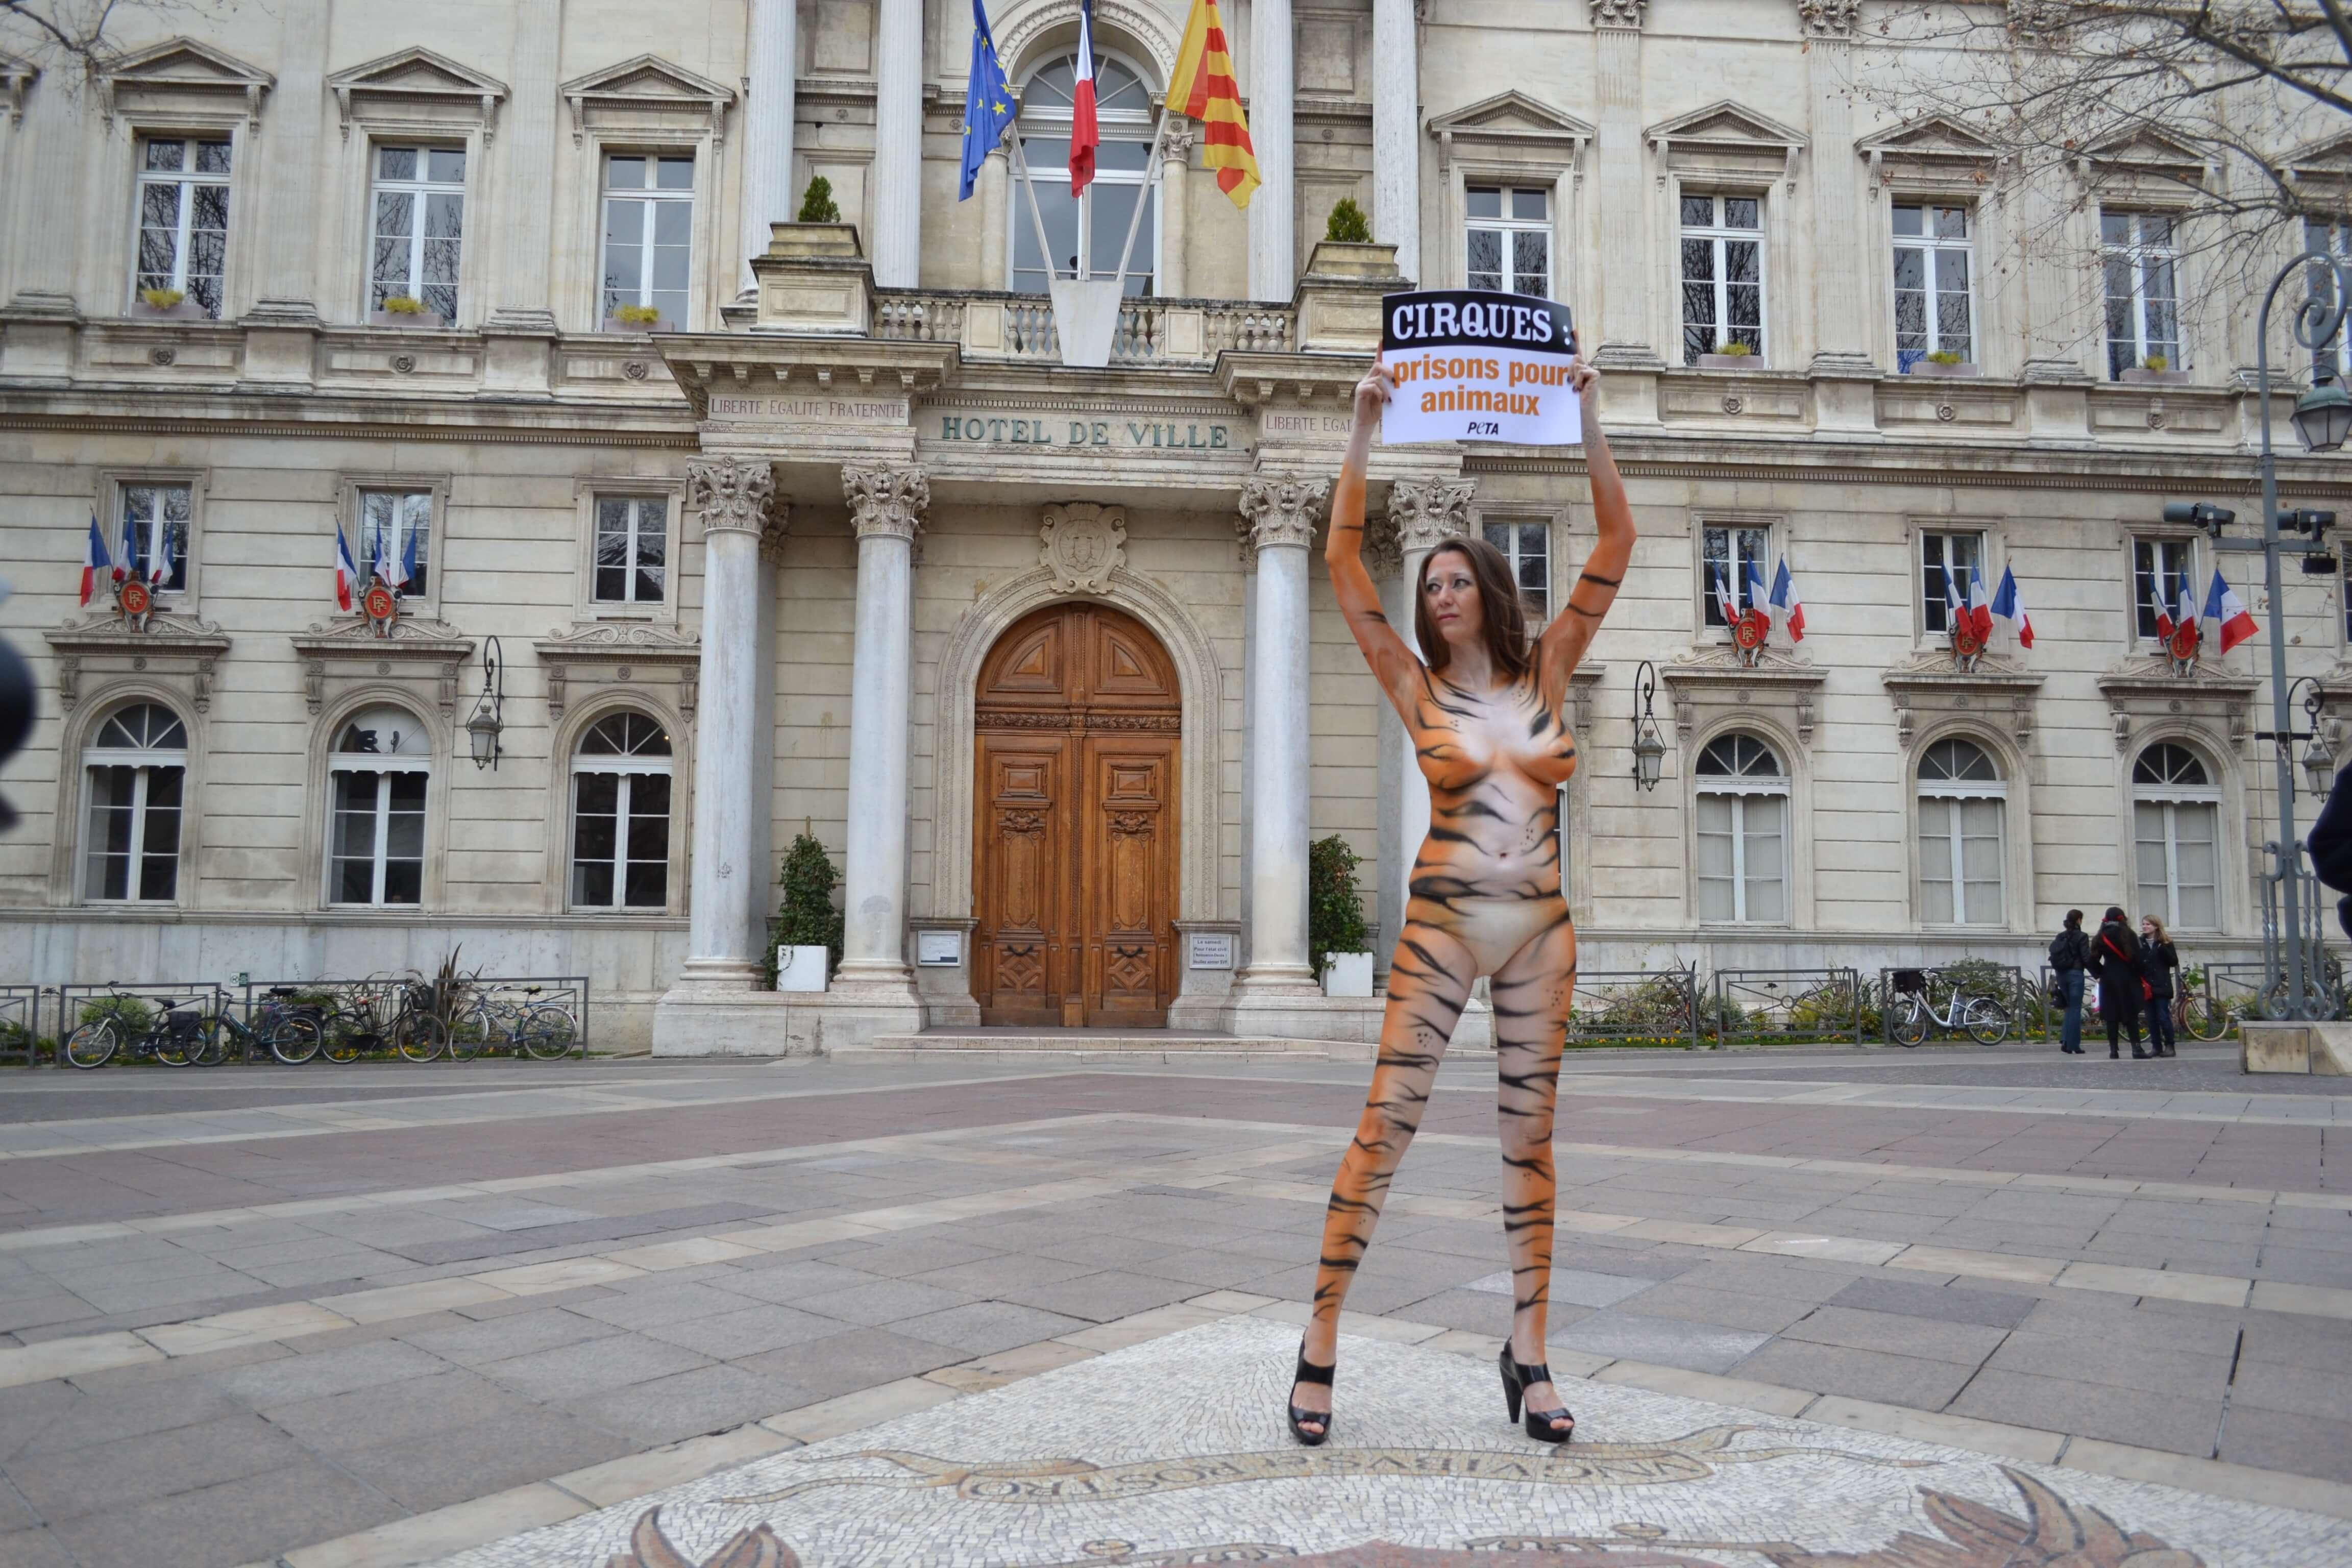 Pourquoi j'ai parcouru nue les rues d'Avignon pour les animaux captifs des cirques